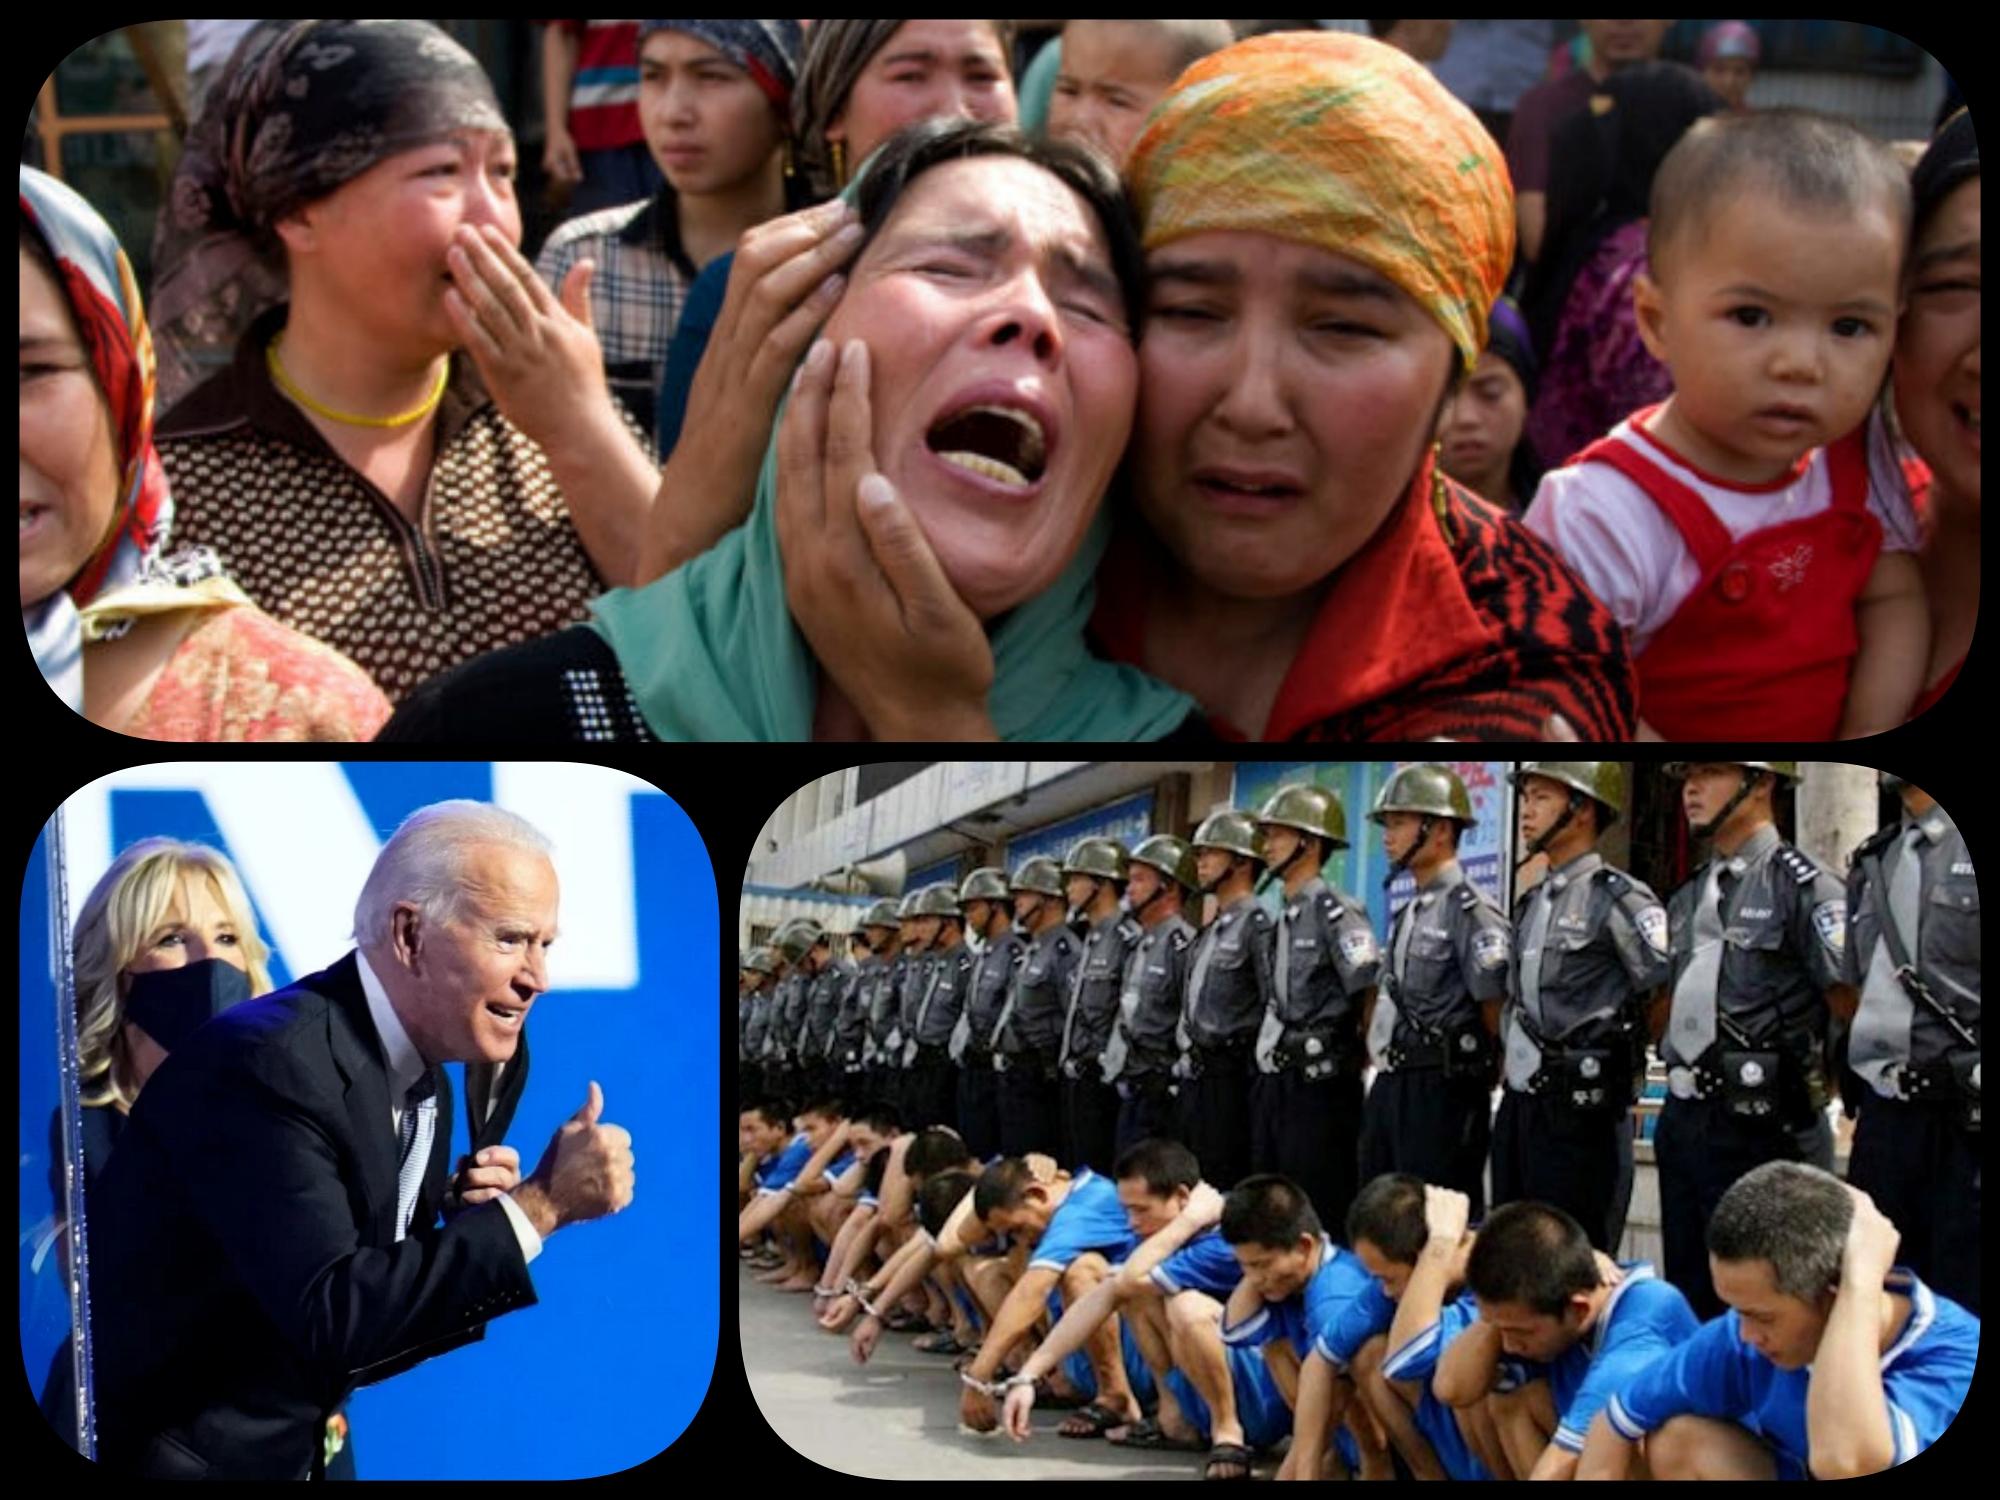 Biden: non mi oppongo al genocidio degli Uiguri